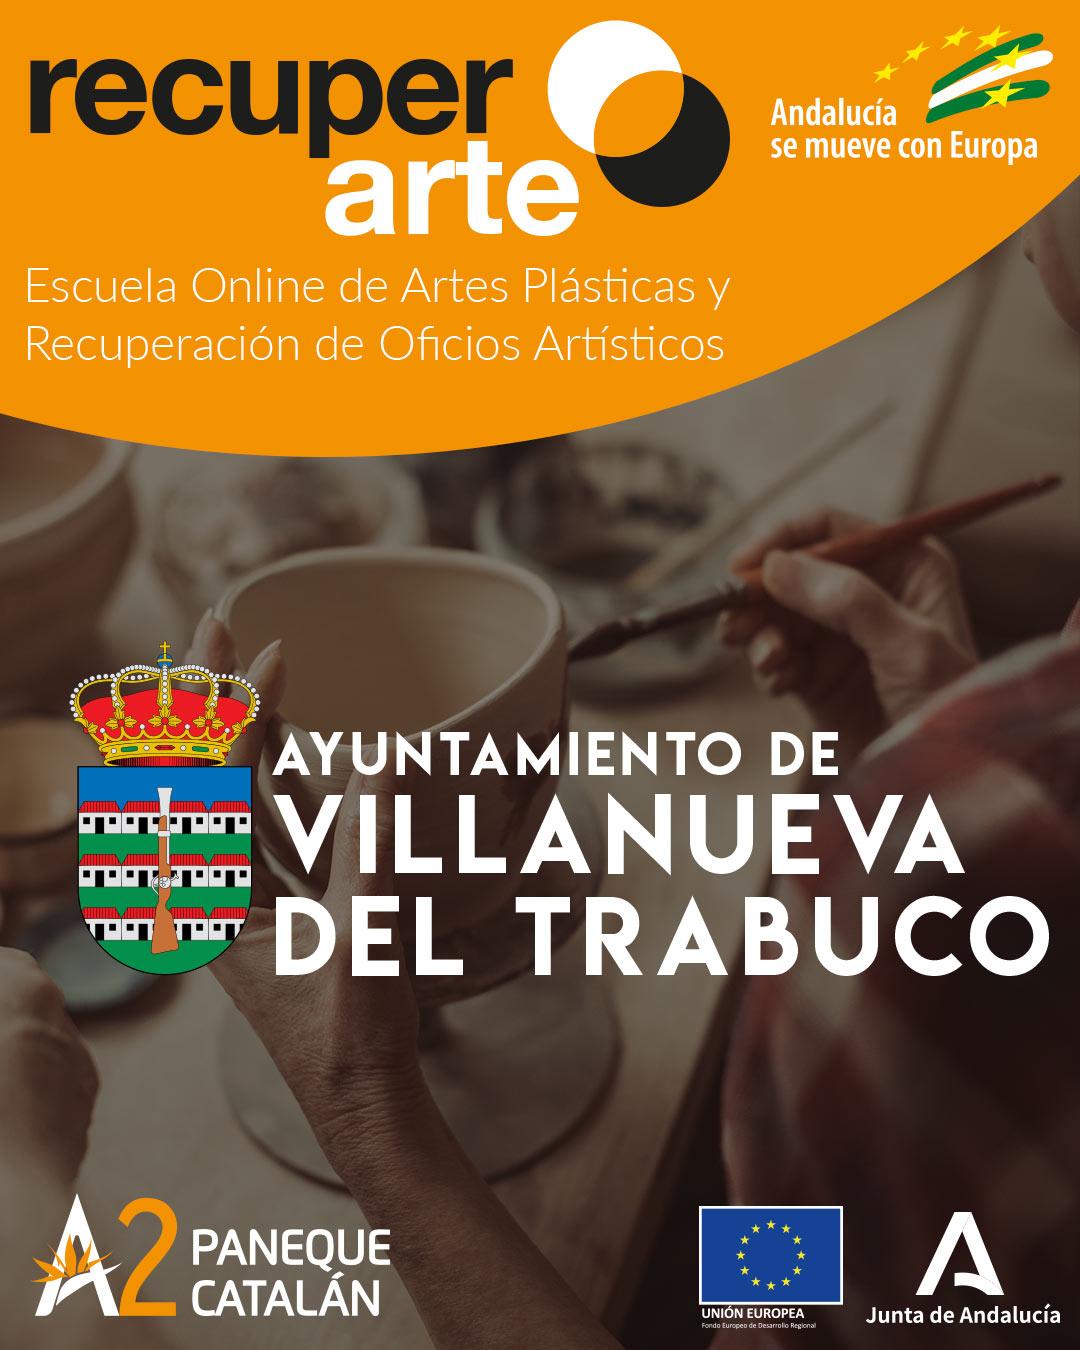 RecuperArte en Villanueva del Trabuco